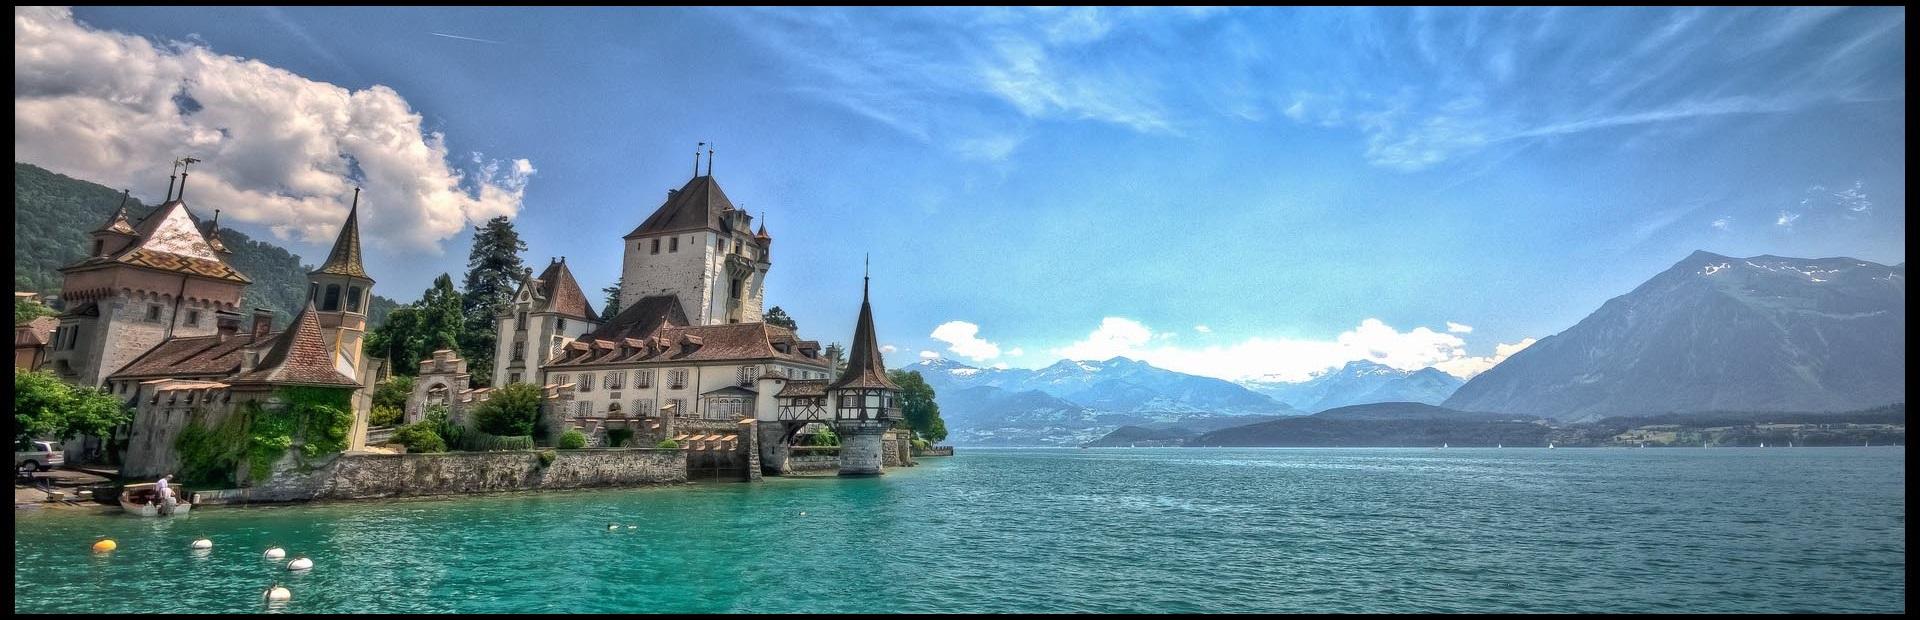 Top 5 trường Nhà hàng khách sạn tốt nhất Thụy Sĩ